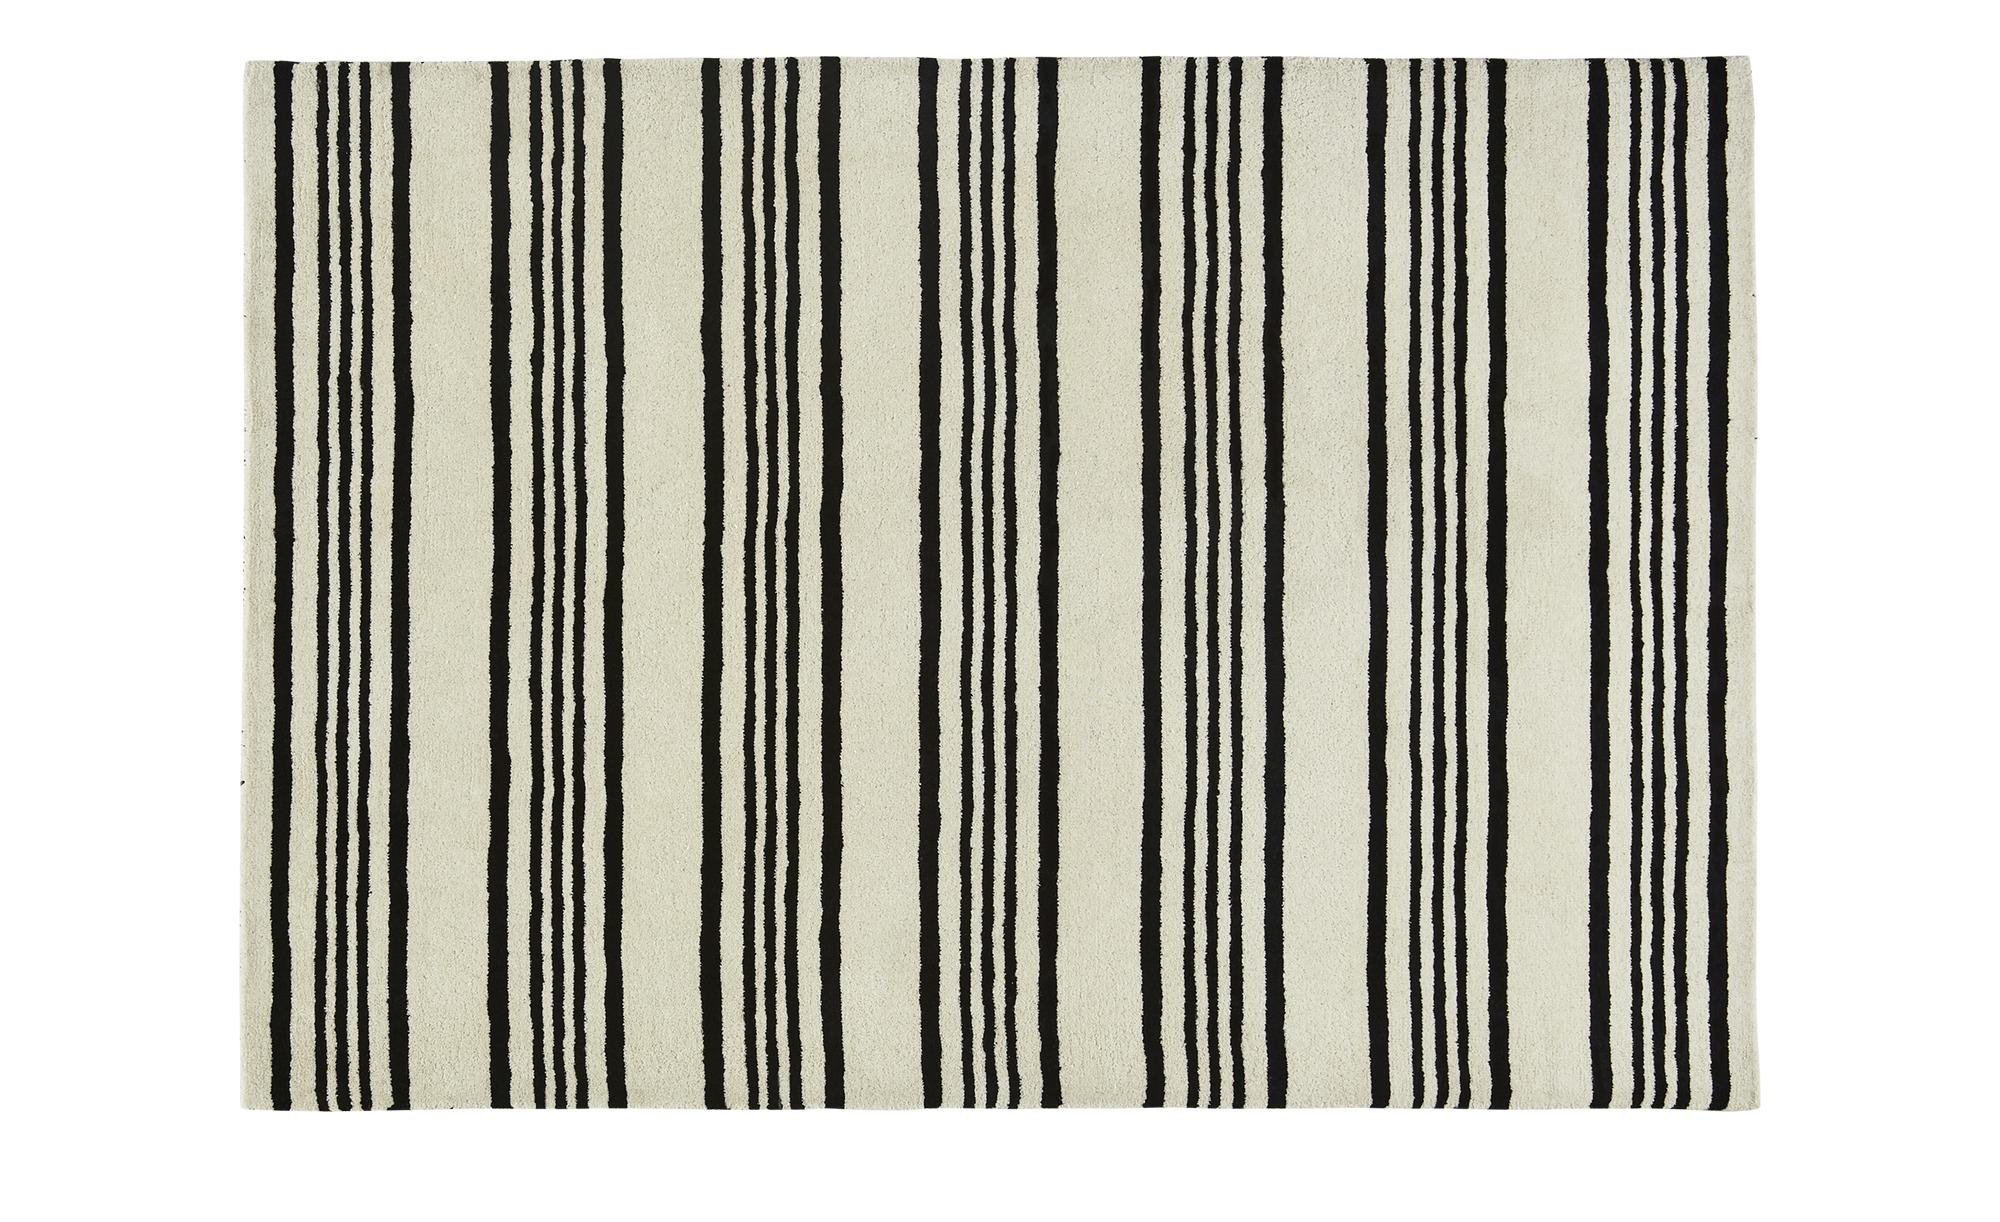 Gray & Jones Handtuft-Teppich  Cap Ferrat 2 ¦ schwarz ¦ Maße (cm): B: 160 Teppiche > Wohnteppiche - Höffner